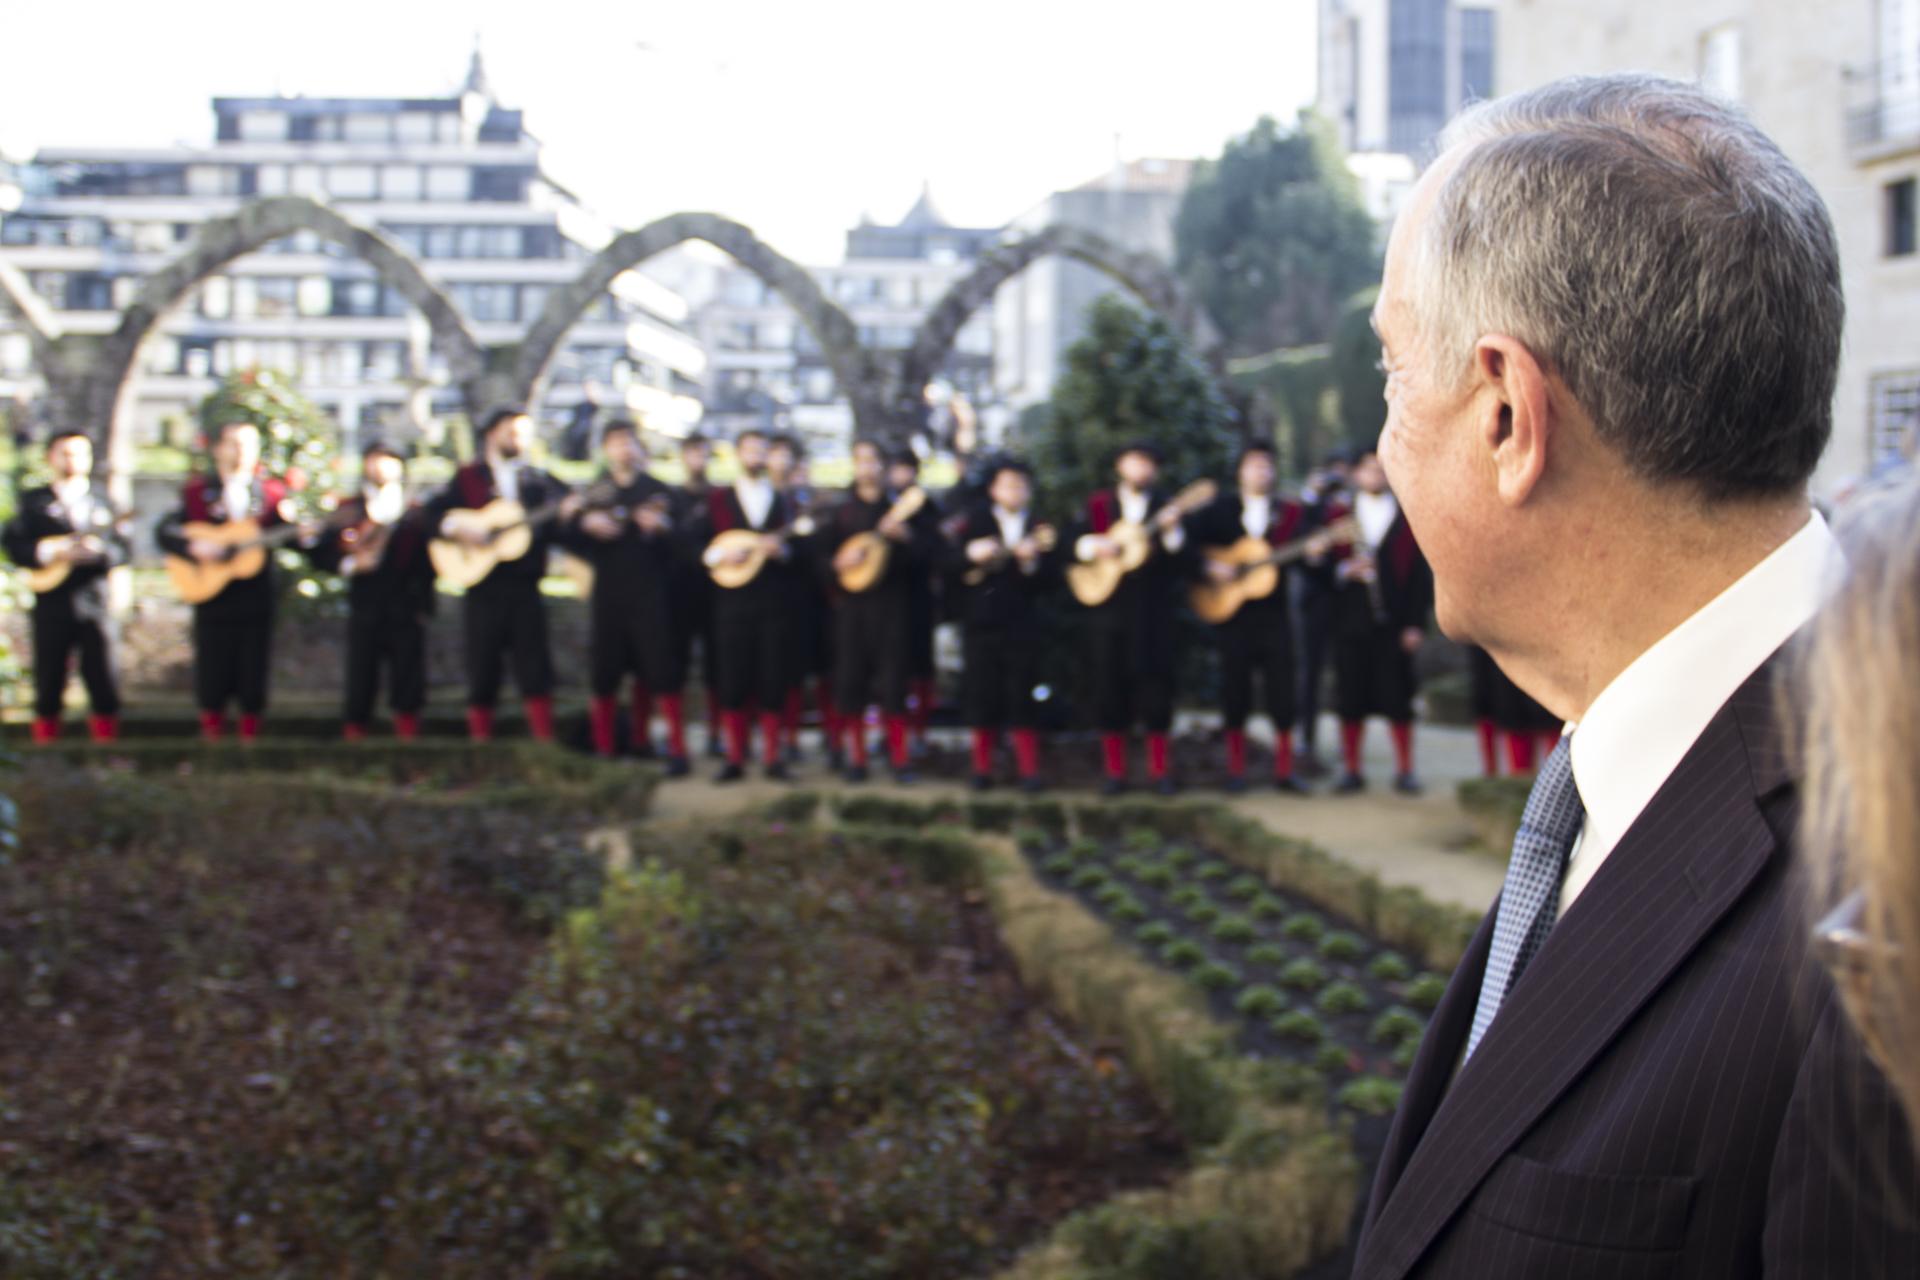 O Presidente da República seguiu atrás do cortejo. À entrada do jardim interior da reitoria é recebido pela Tuna Universitária do Minho que compõe o ambiente sonoro. Riso aqui, riso ali e siga para a cerimónia.